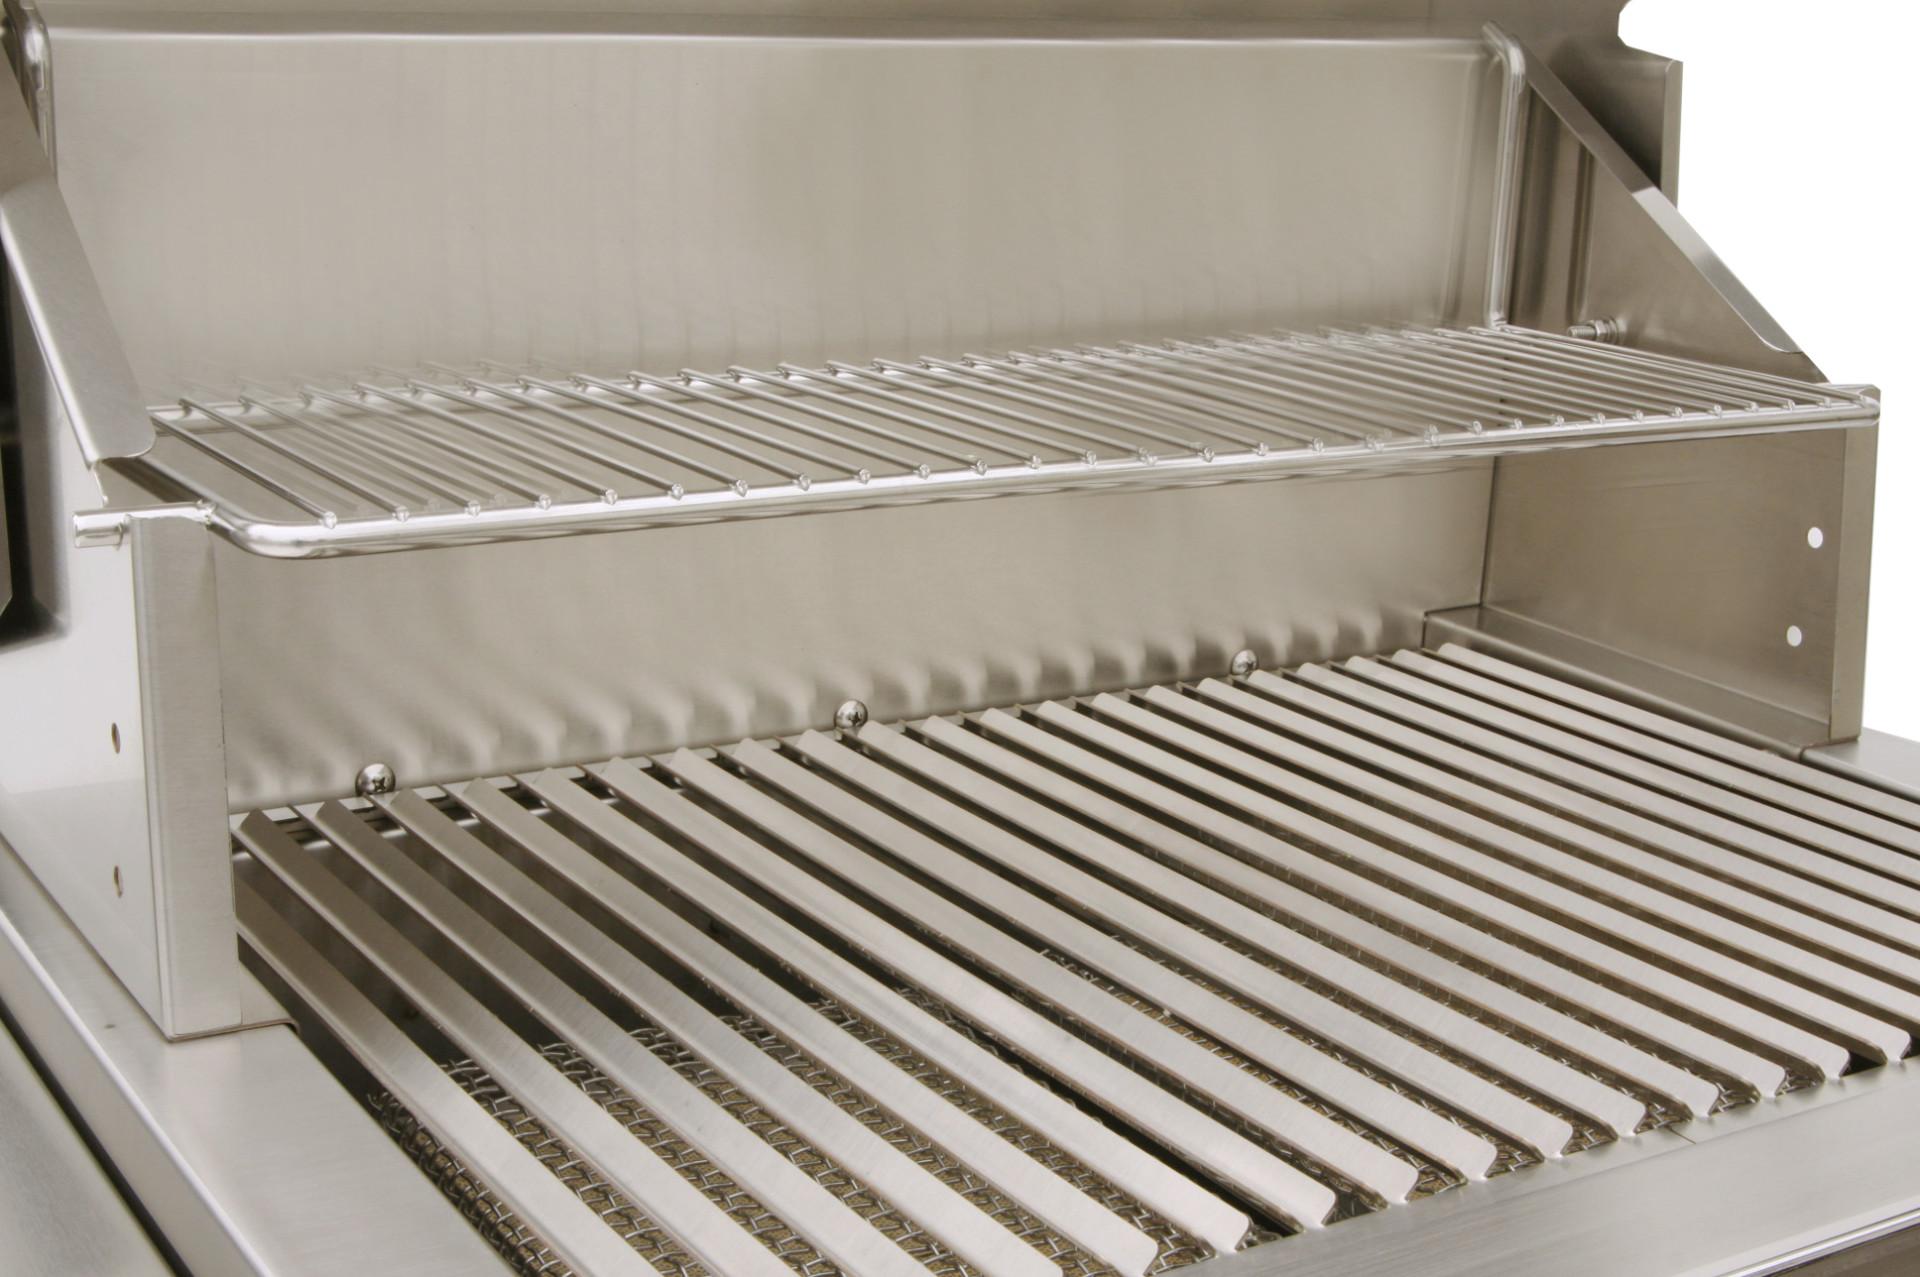 IRBQ-27GXLC_detail-warming-rack_1-r100-w1920